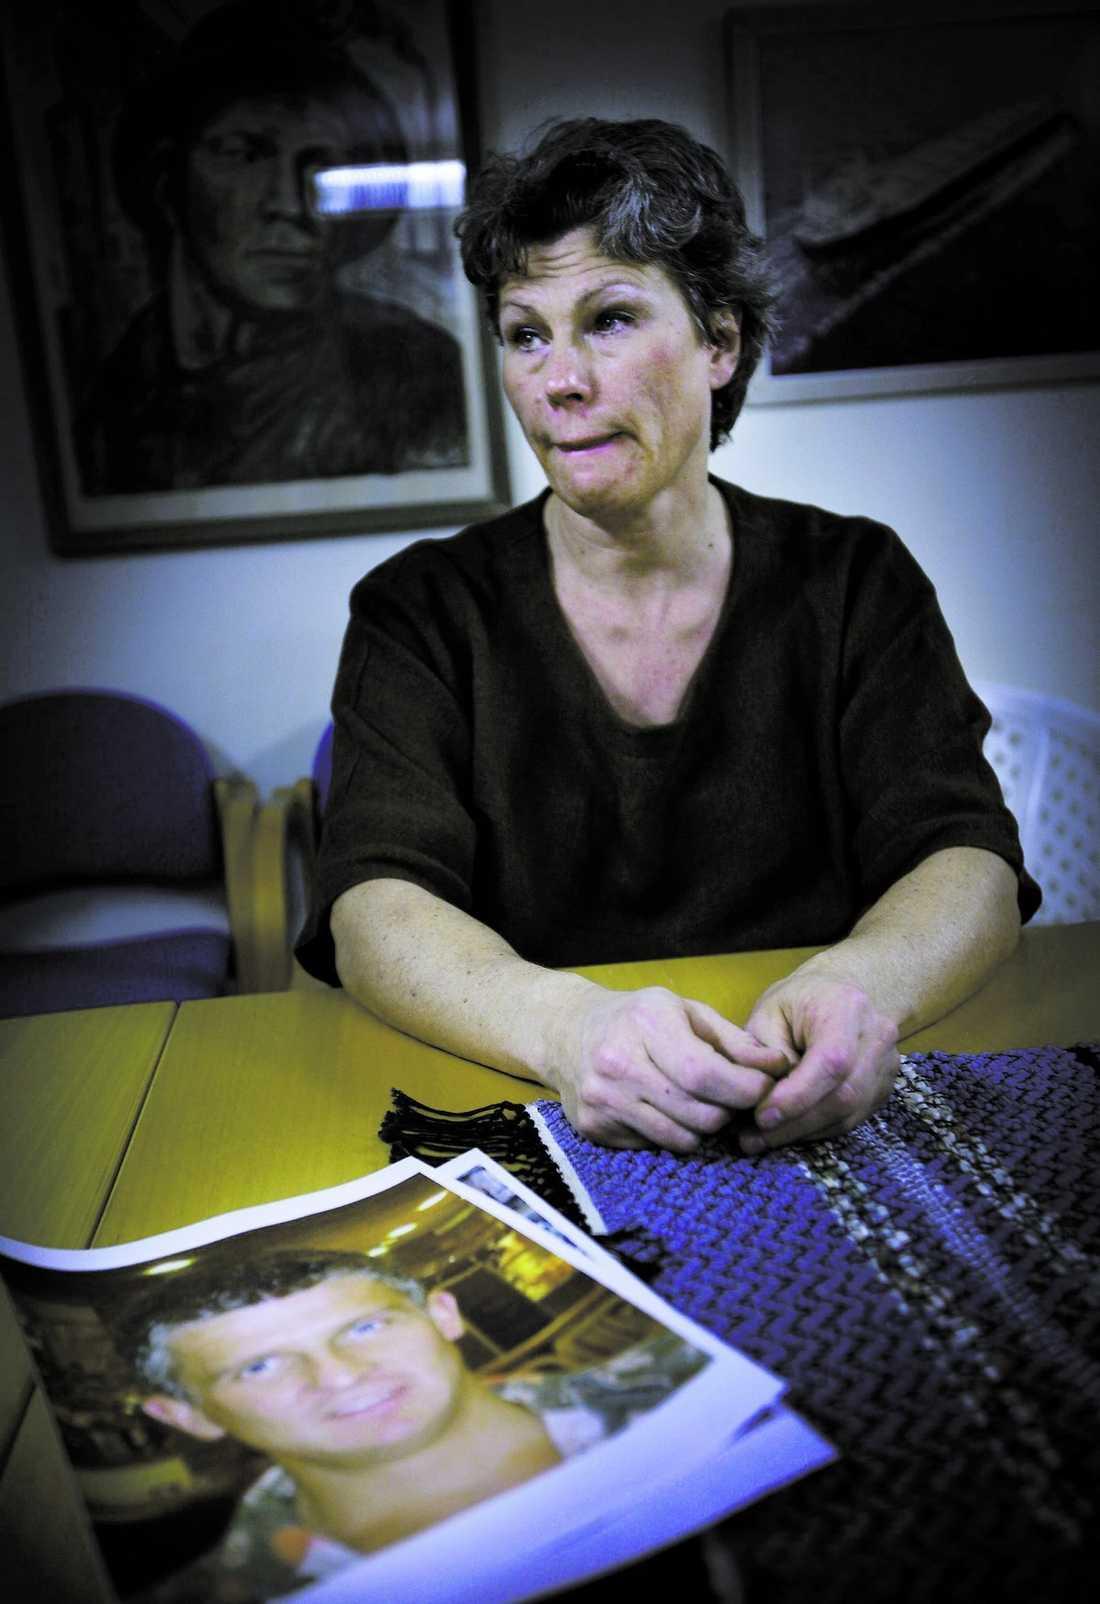 Agnetha Bergh, syster till Daniel Olsson, inväntar resultaten av polisens undersökning.